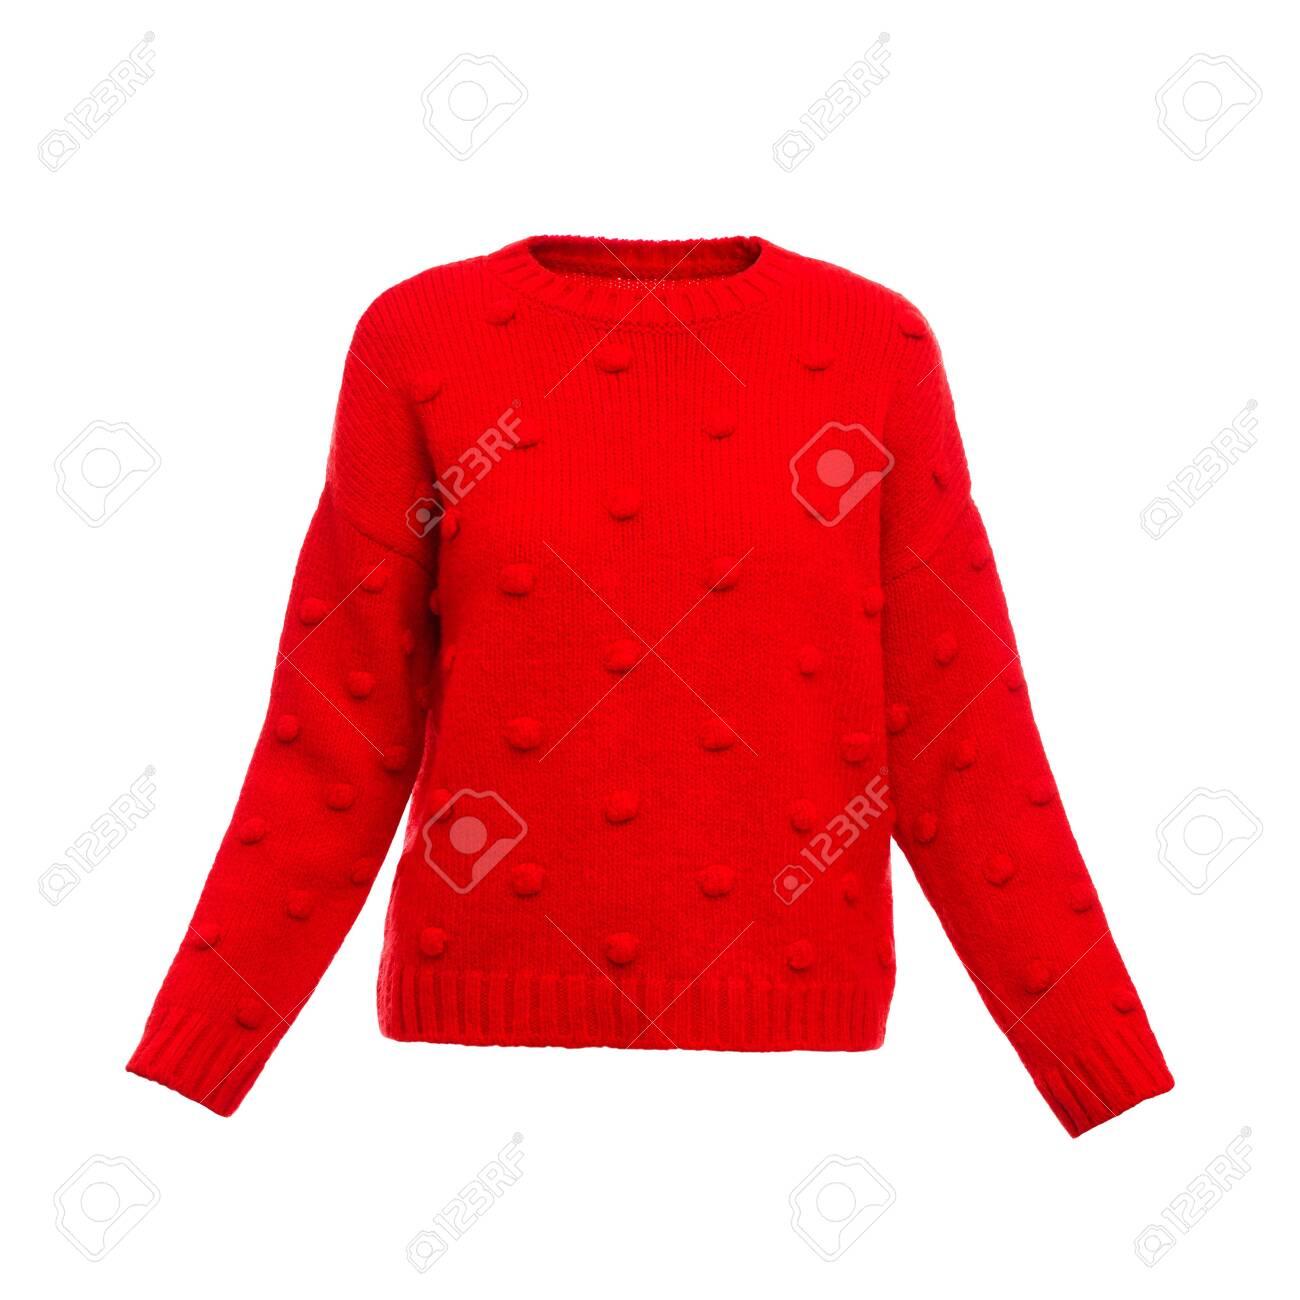 Stylish warm female sweater on white background - 119537620